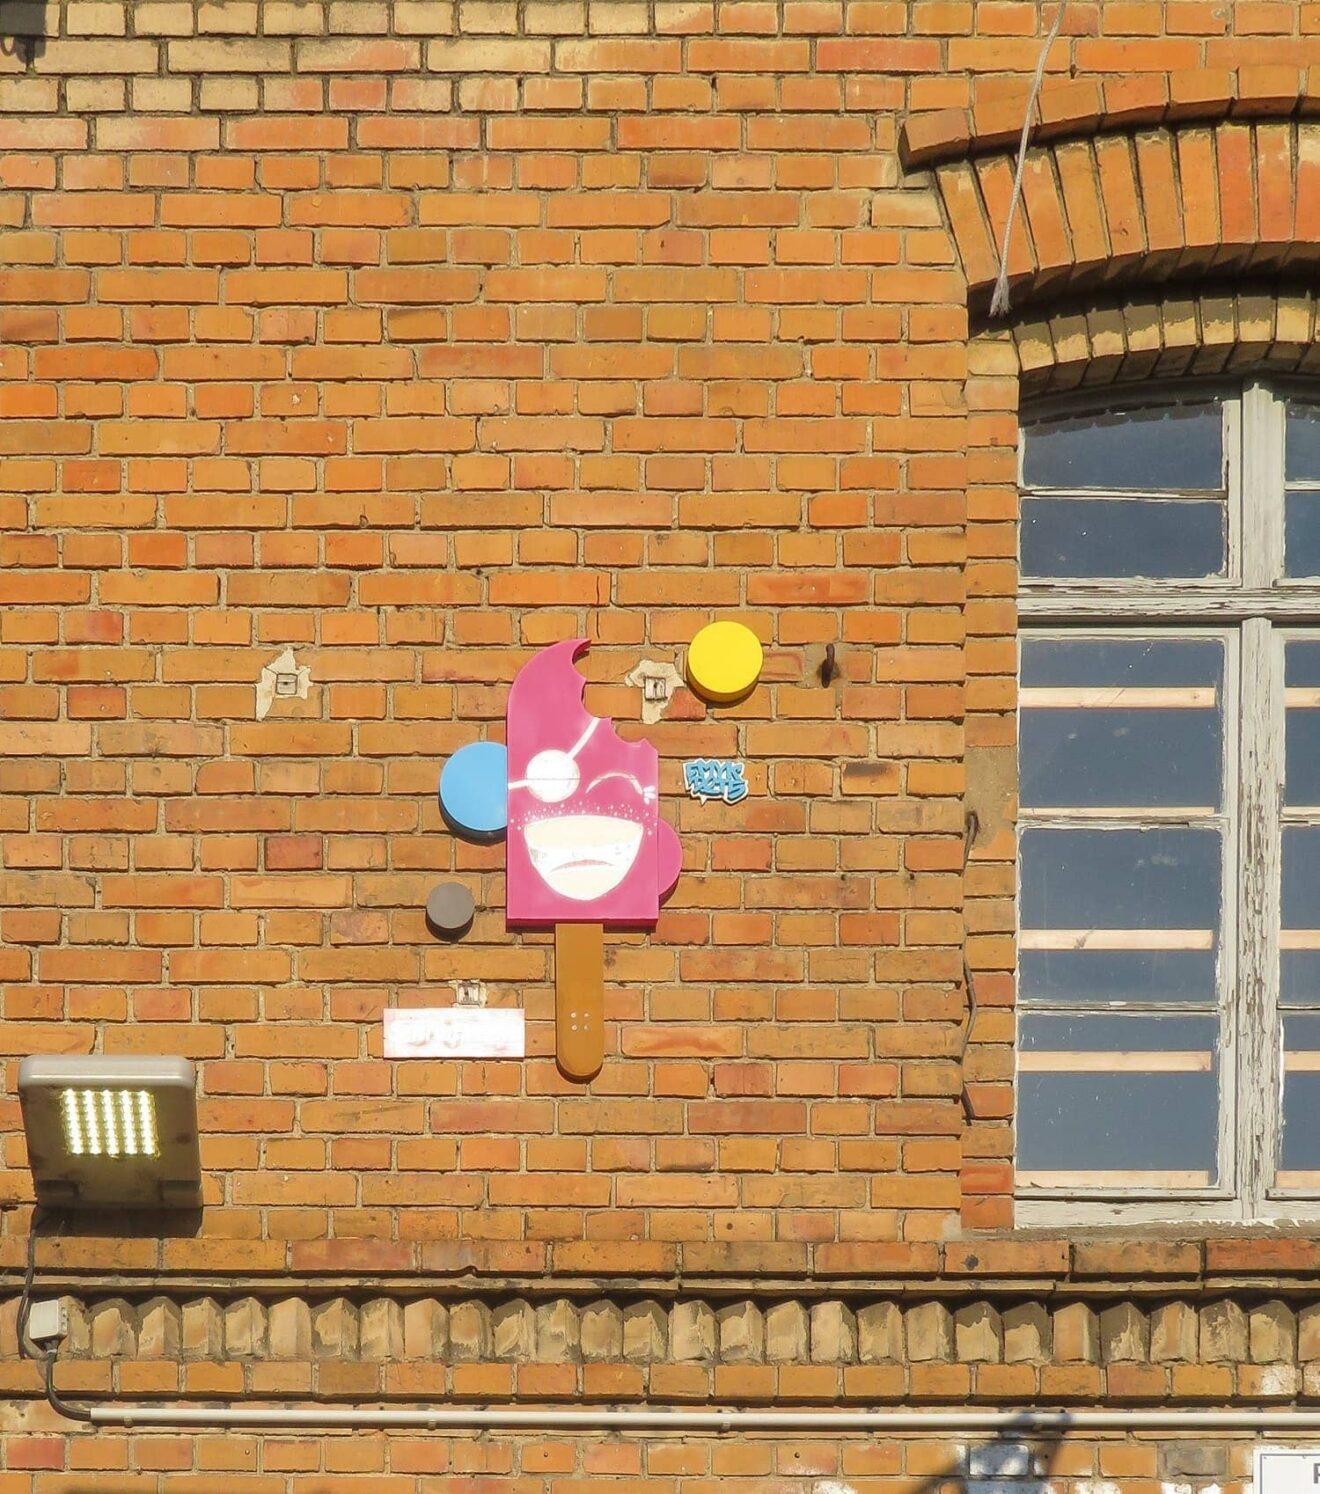 Pointilistische Objekte (sog. Dots) des Street Art Künstlers CMYK Dots an der Revaler Straße (Urban Spree Gallery), Berlin-Friedrichshain. Foto: Foto: André Lindhorst